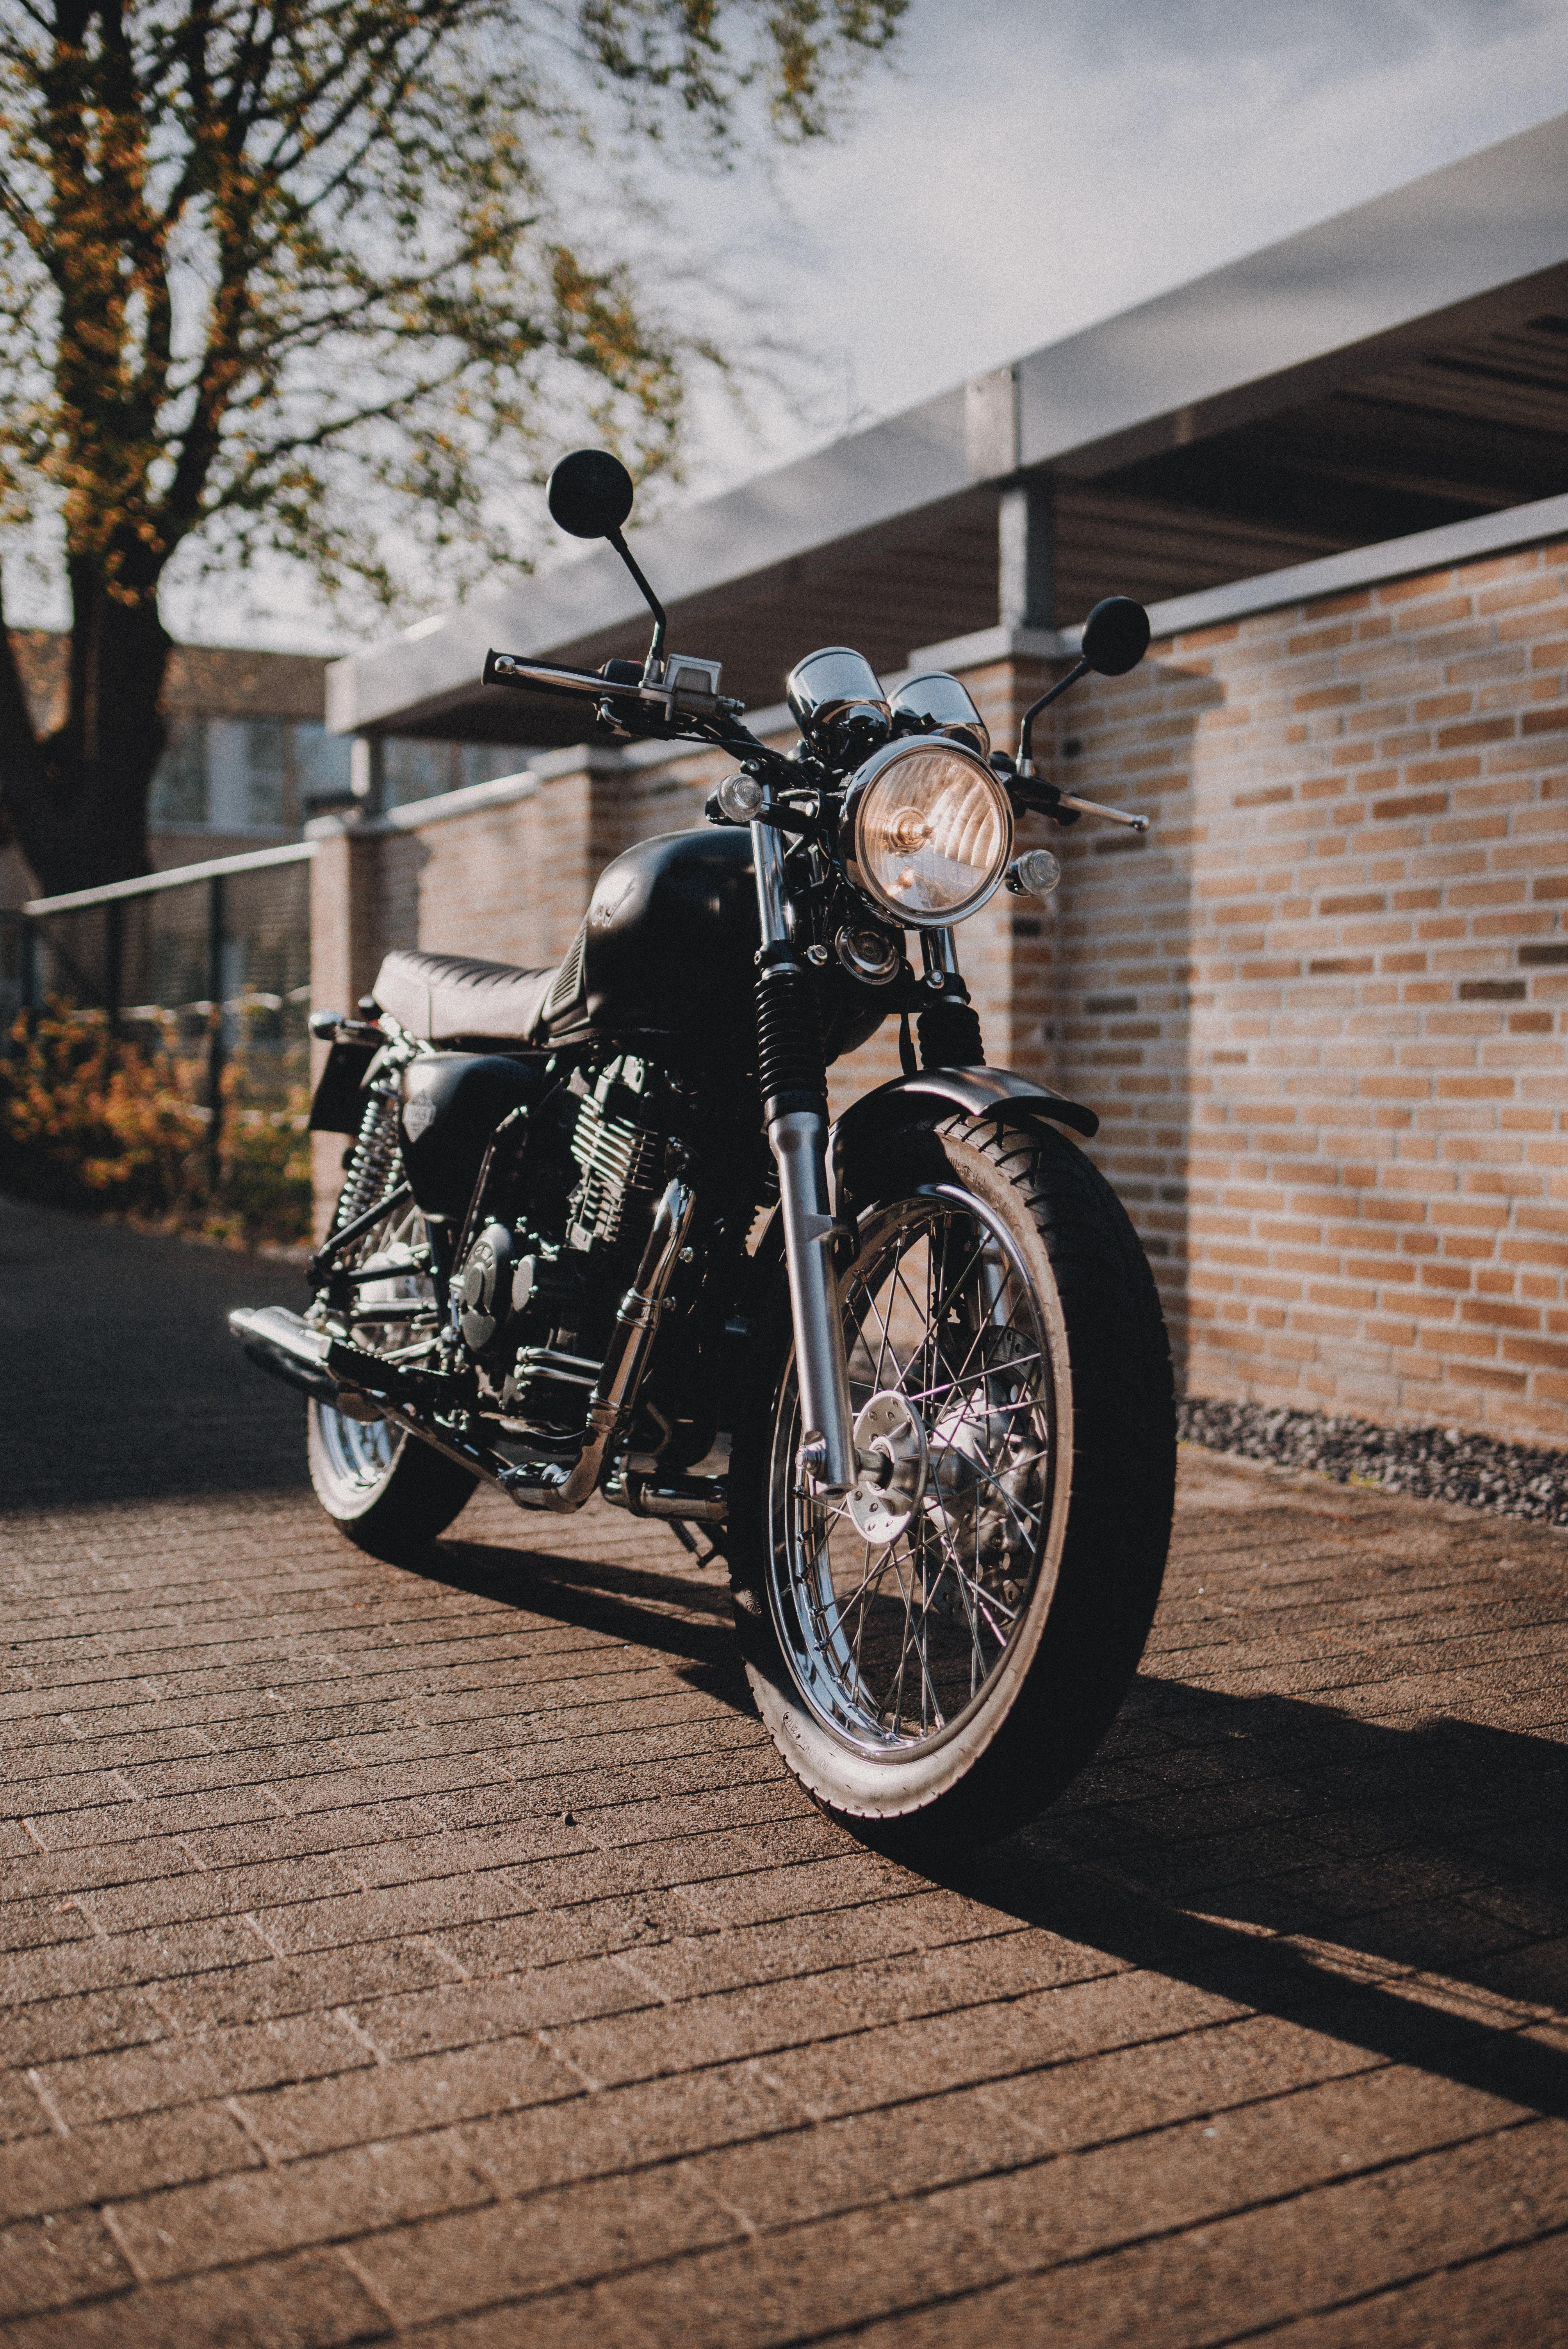 118604 скачать обои Мотоциклы, Мотоцикл, Фара, Черный, Улица - заставки и картинки бесплатно